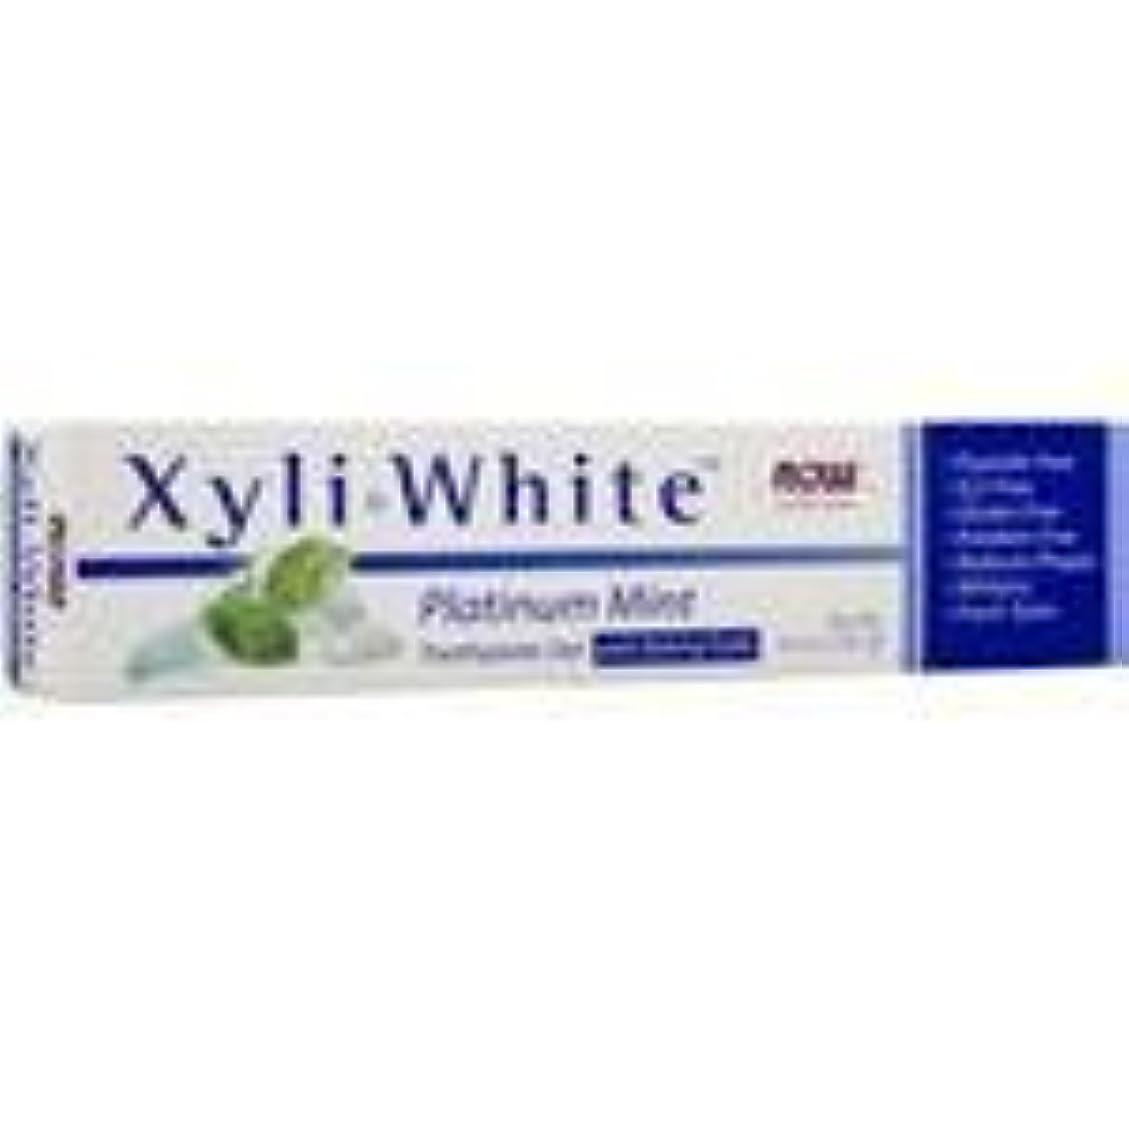 キシリホワイト 歯磨き粉  プラチナミント+ベーキングソーダ 182g 5個パック